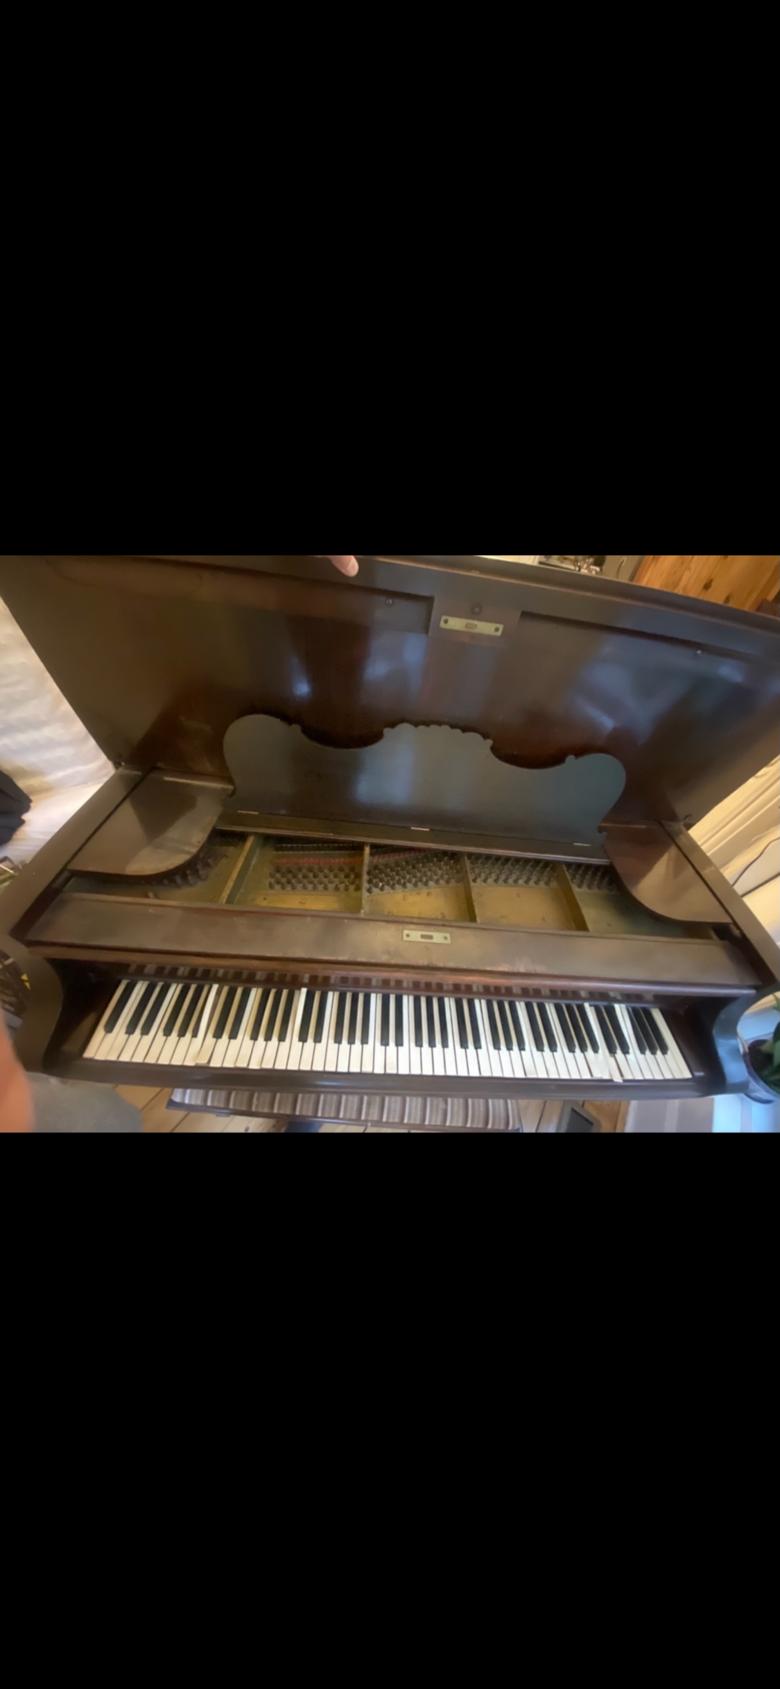 Grand piano 1890 Knabe